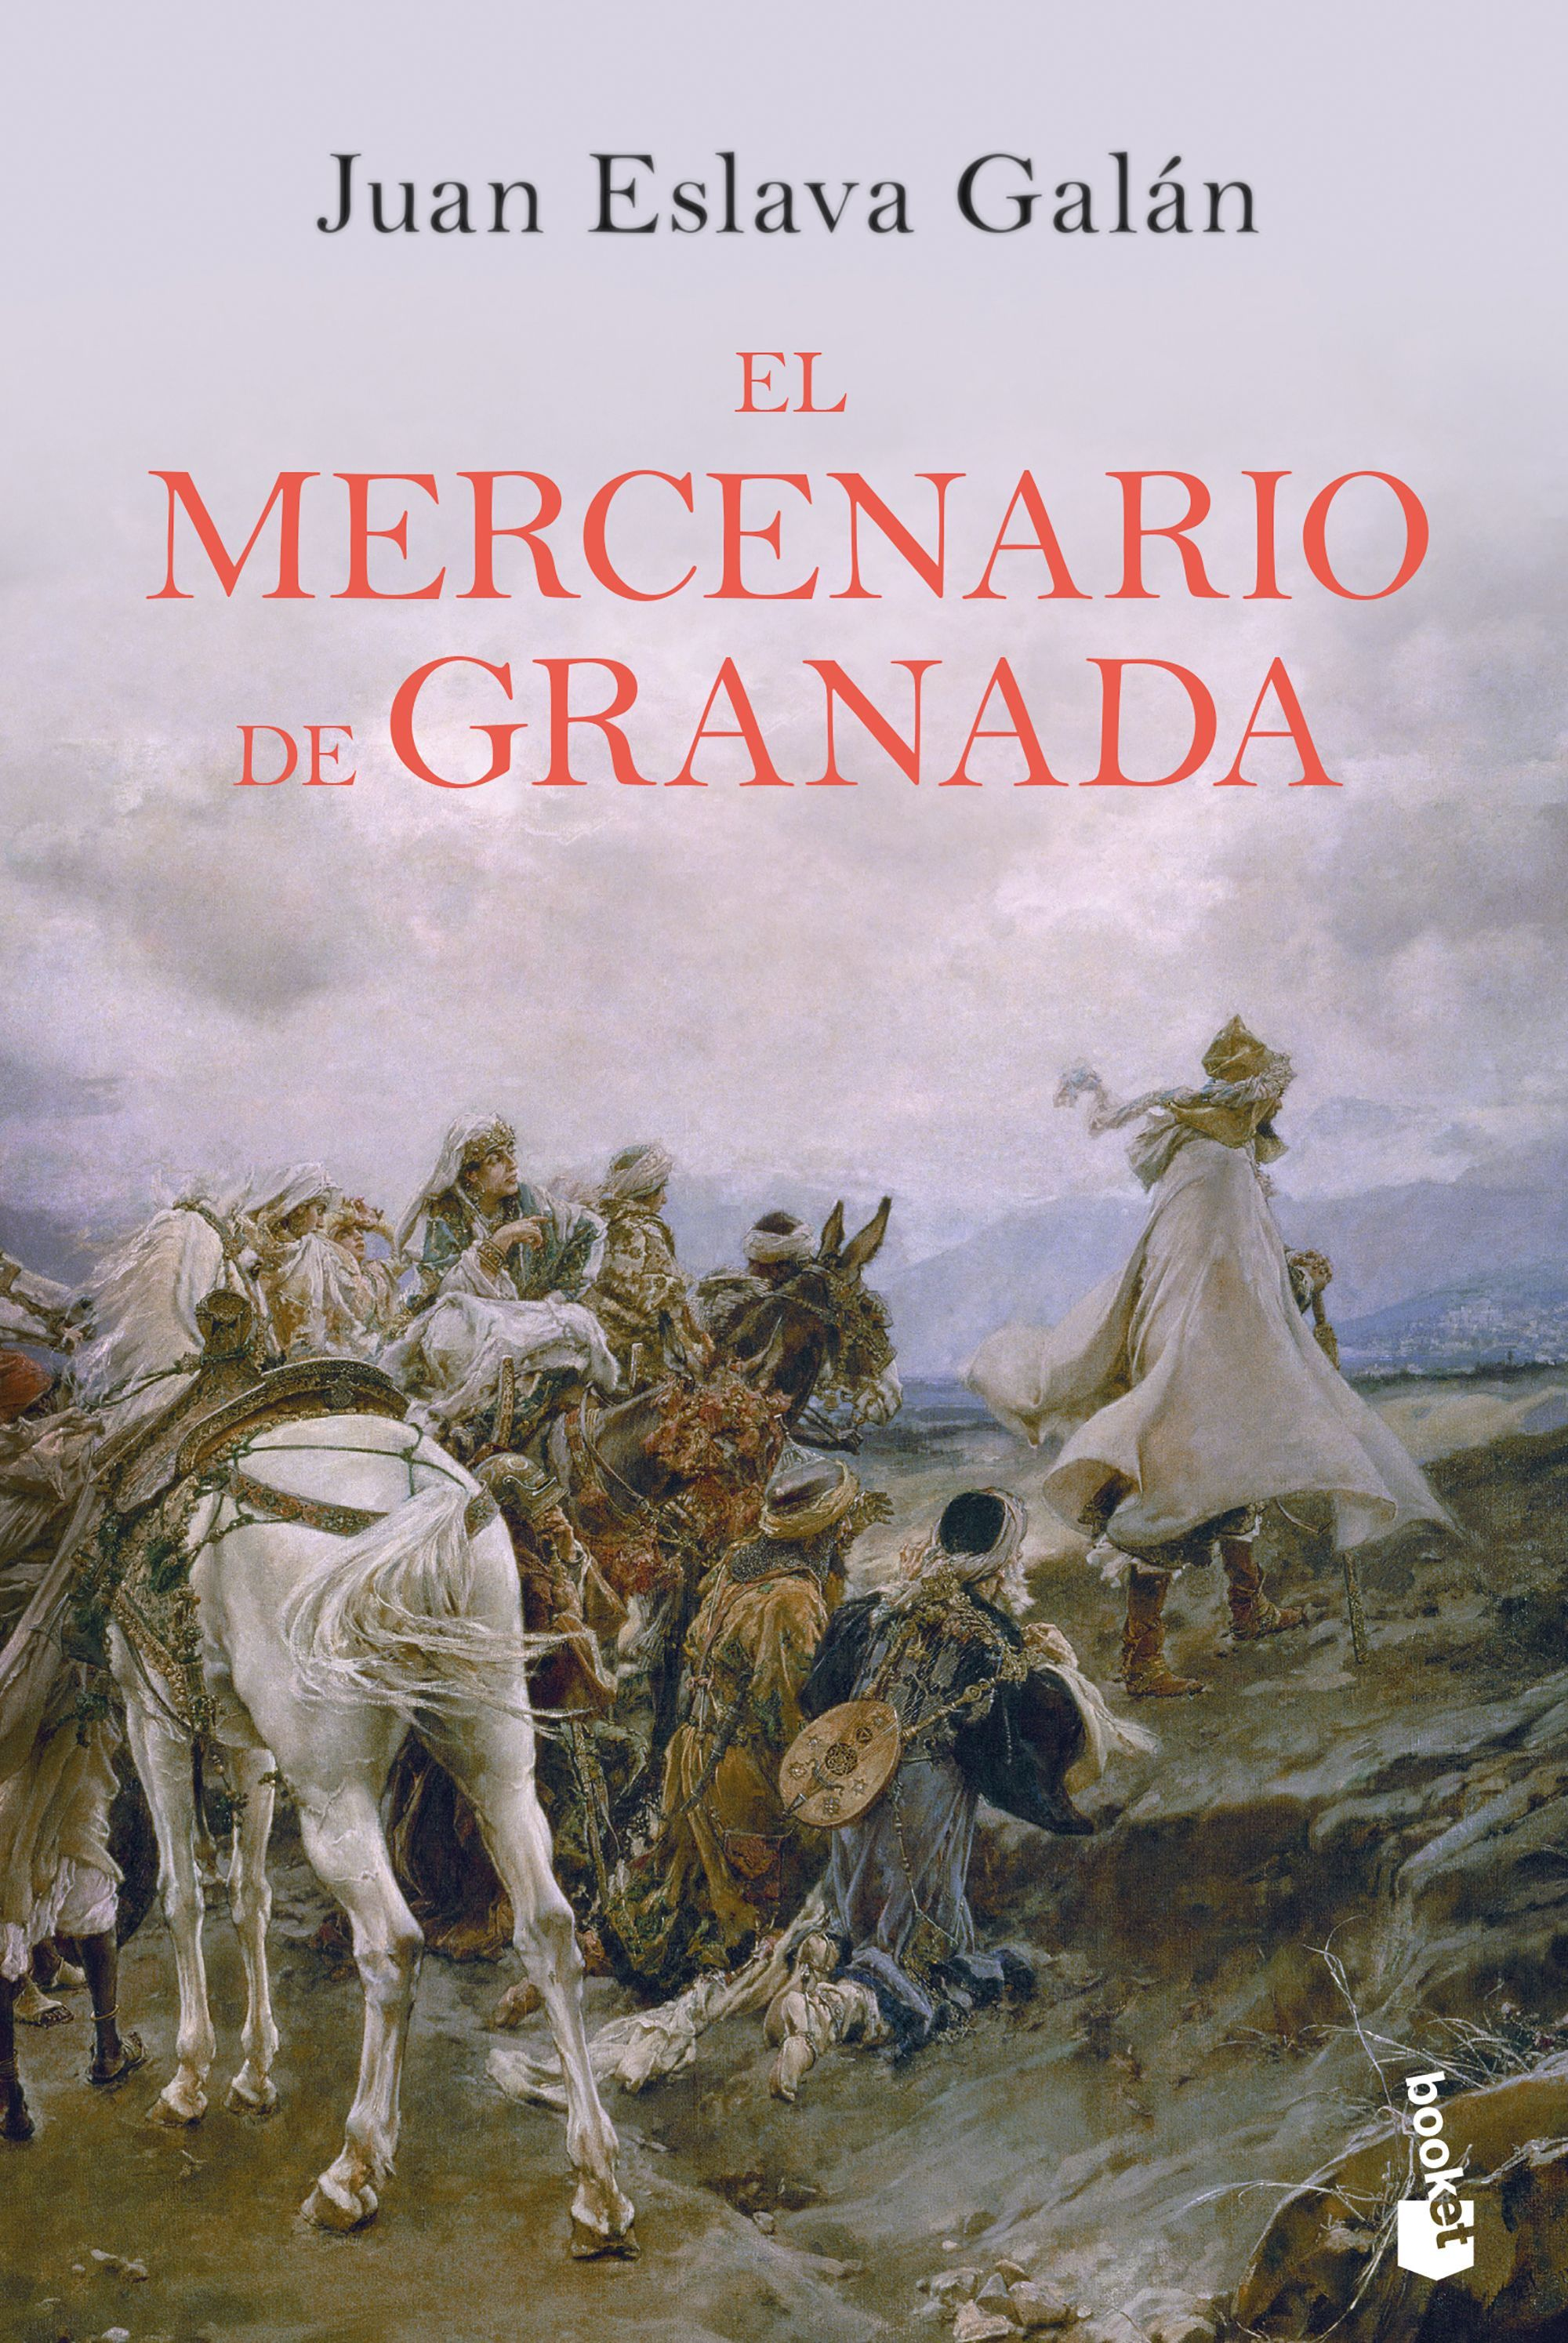 EL MERCENARIO DE GRANADA